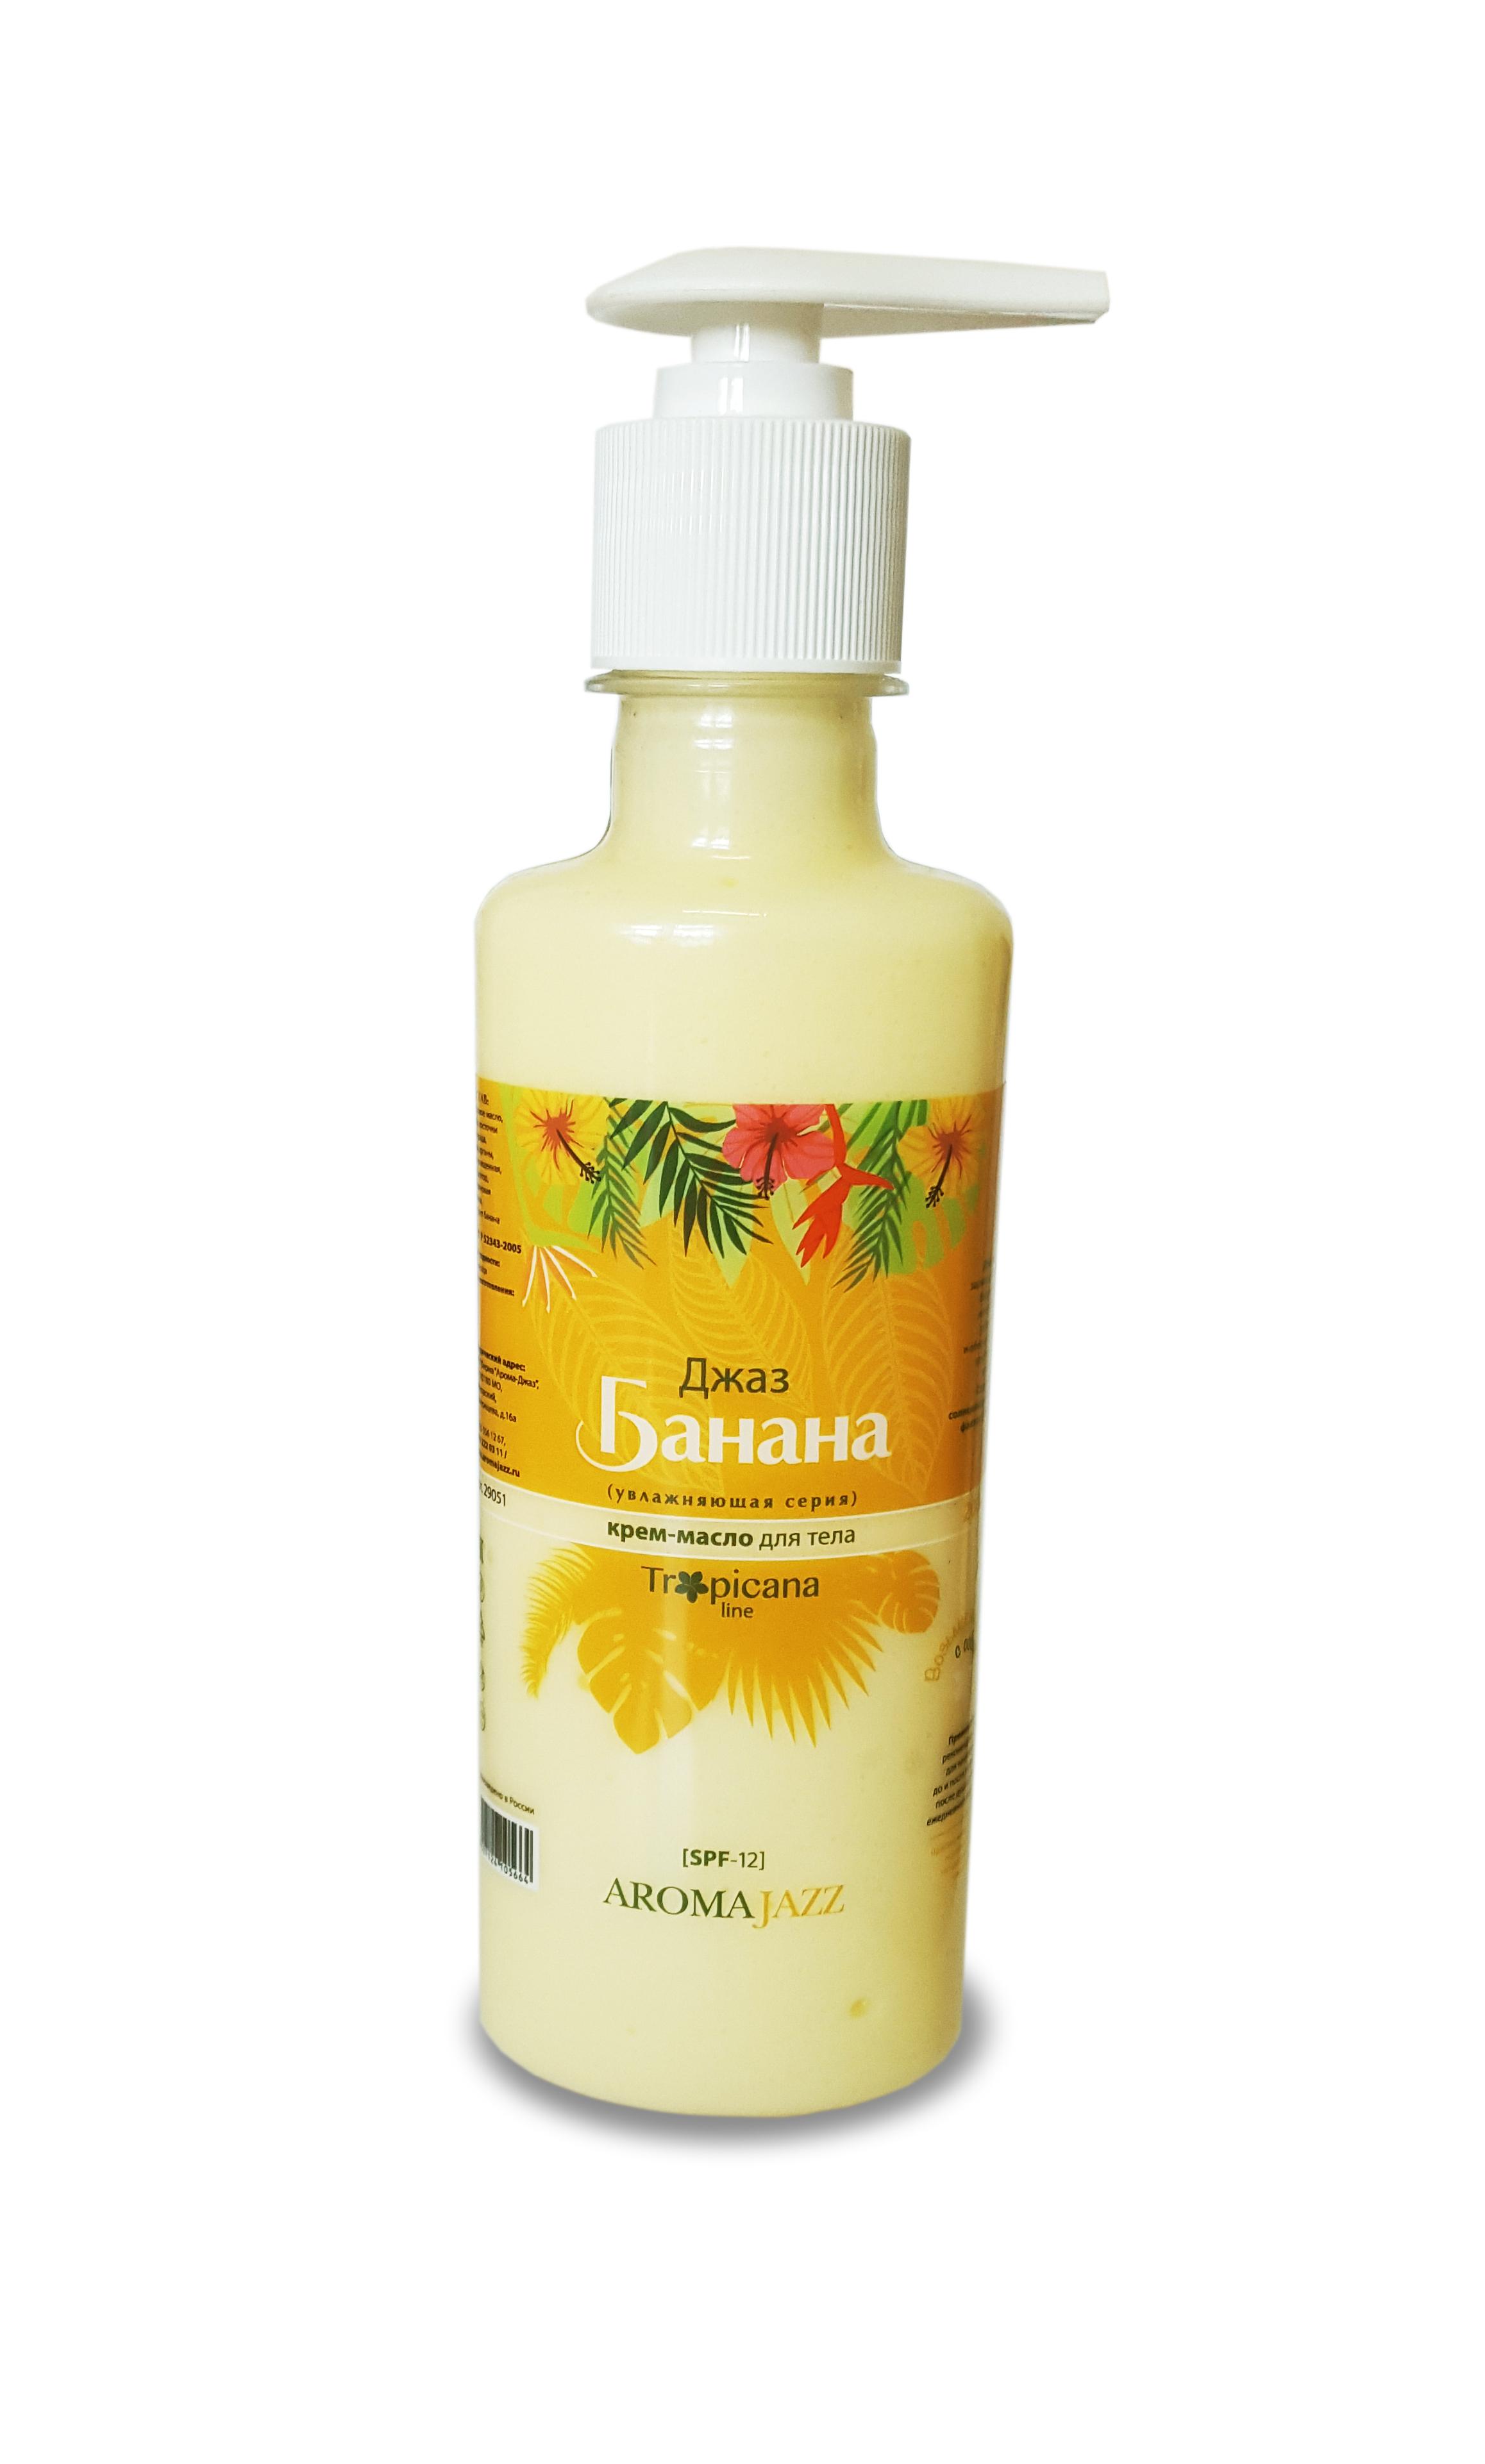 Купить AROMA JAZZ Крем-масло для тела Джаз Банана 200 мл